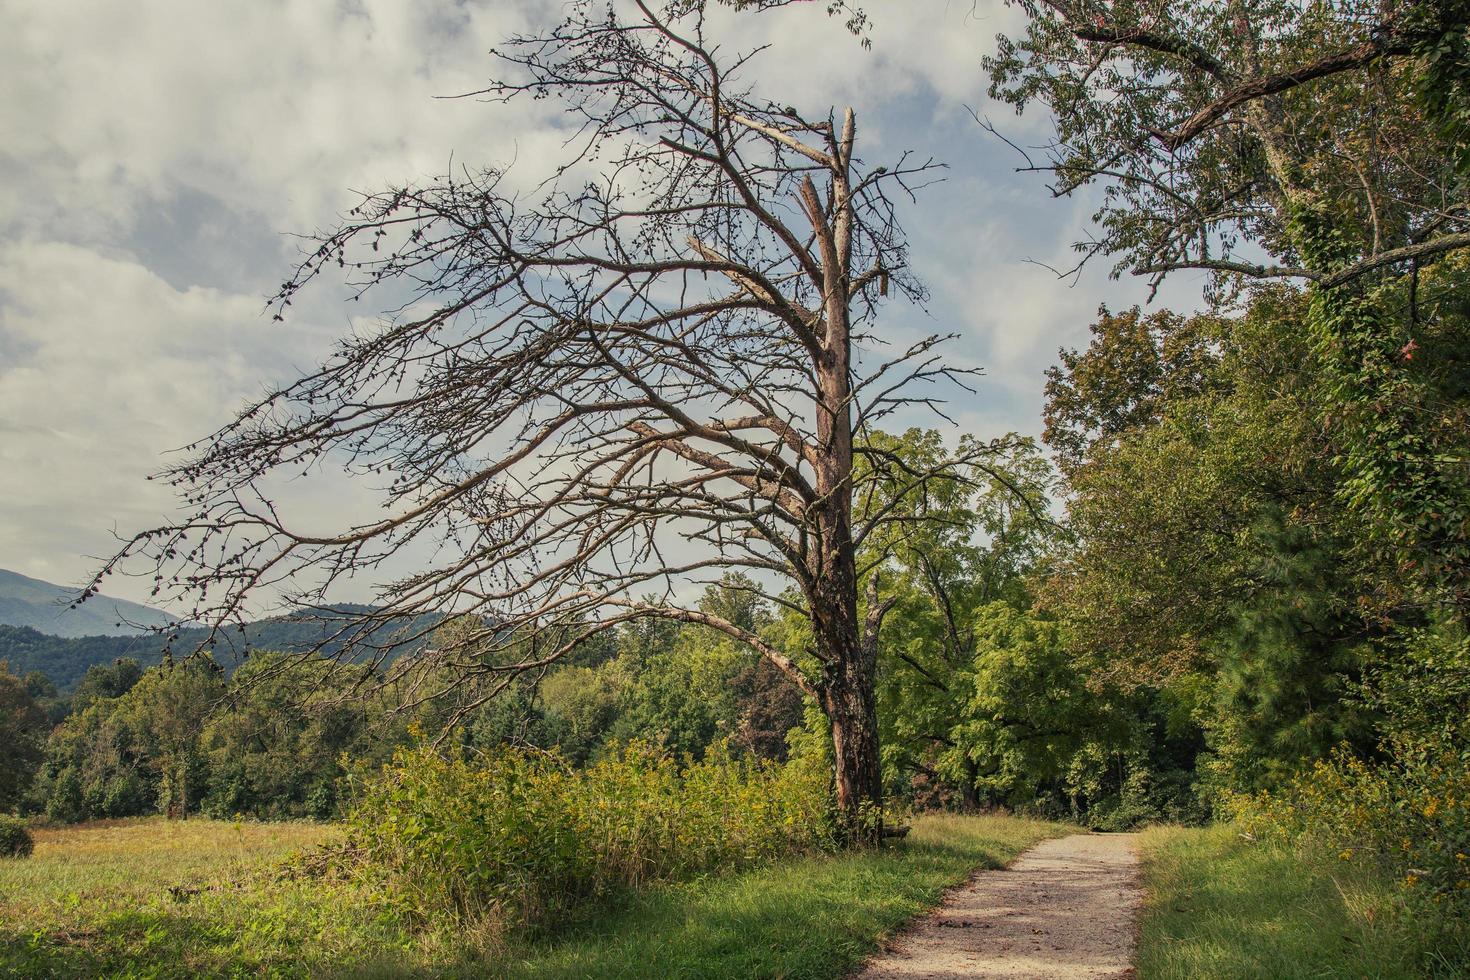 stig in i en skog foto